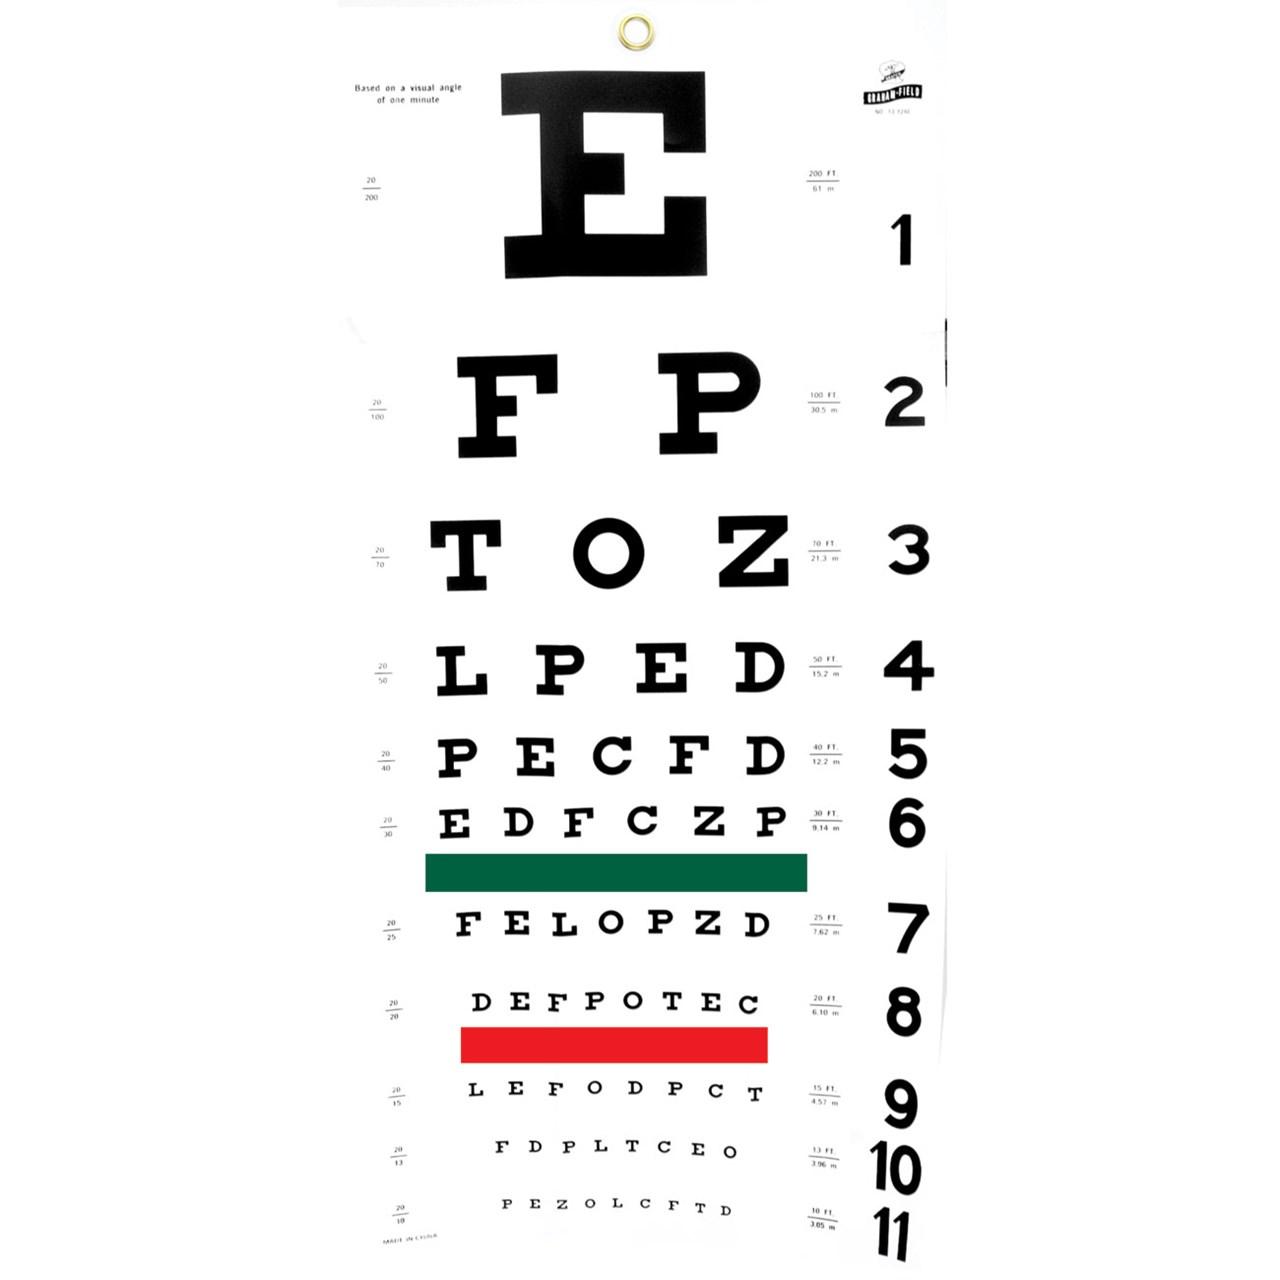 Color Blind Blue Green Color Blindness Test